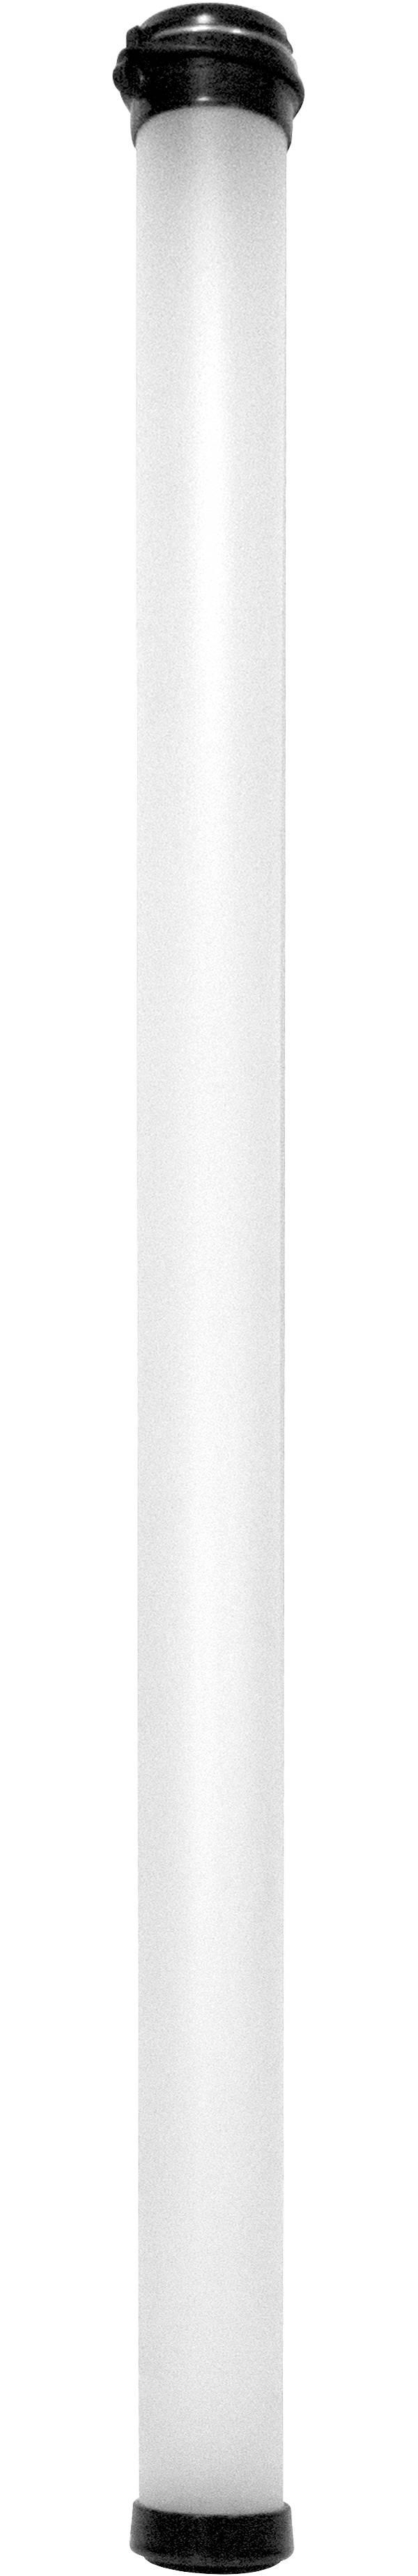 Maxfli Tube Ball Shag product image